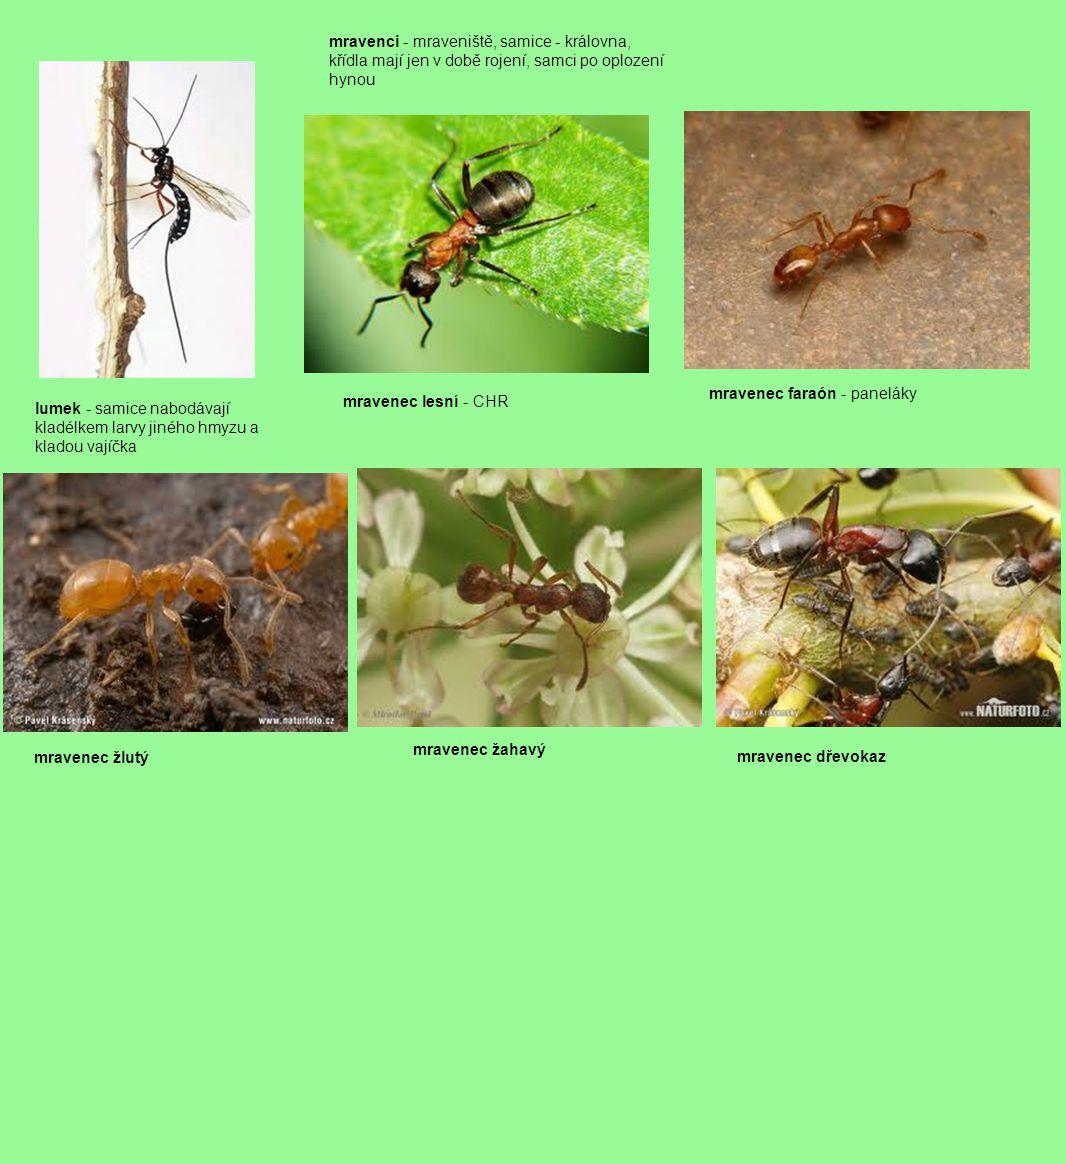 mravenci - mraveniště, samice - královna, křídla mají jen v době rojení, samci po oplození hynou